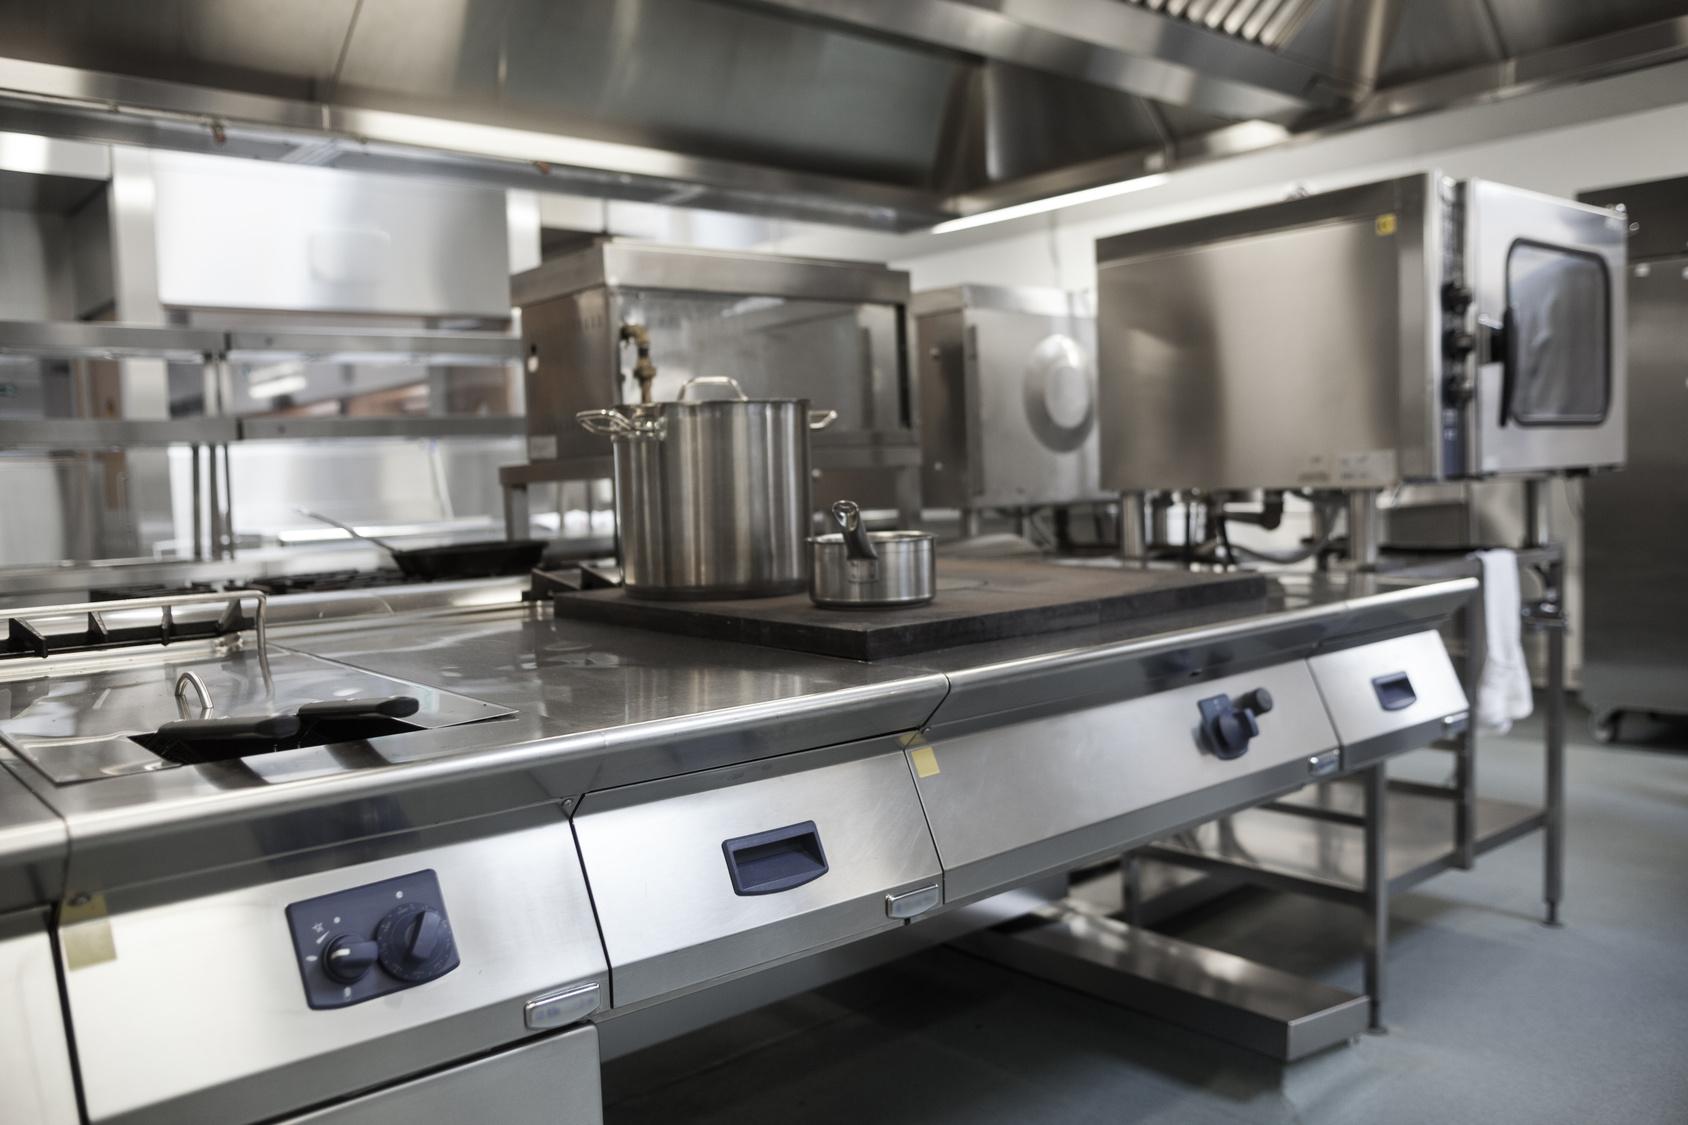 Exposici n de maquinaria de hosteler a hostelmarkt - Cocinas exposicion ocasion ...